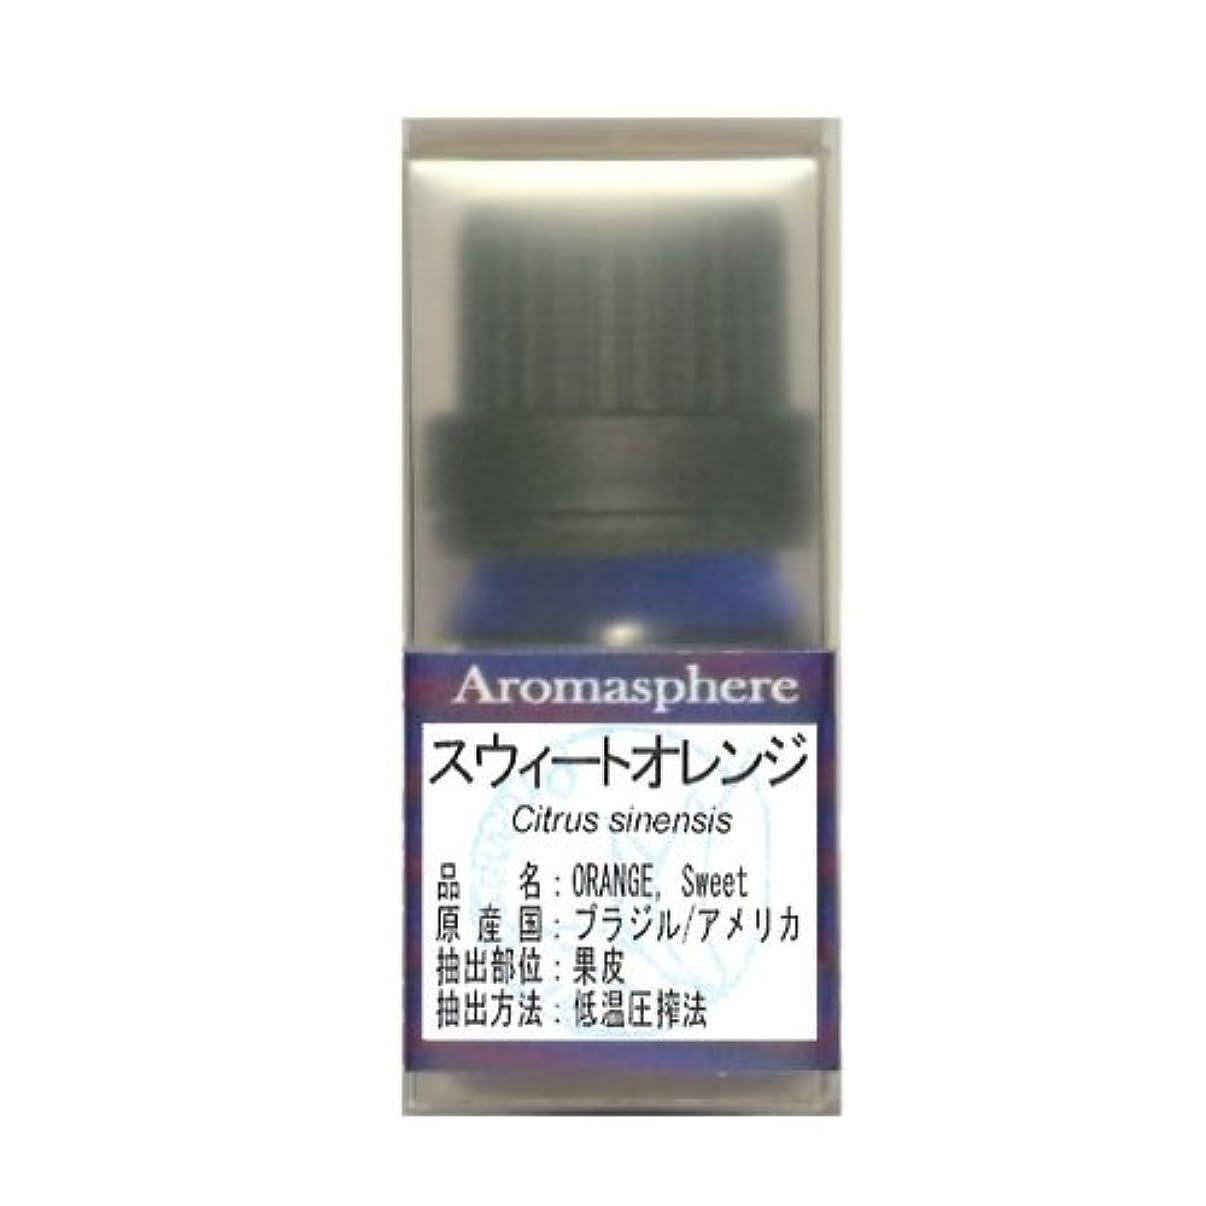 疲労セッティング事前に【アロマスフィア】スウィートオレンジ 5ml エッセンシャルオイル(精油)